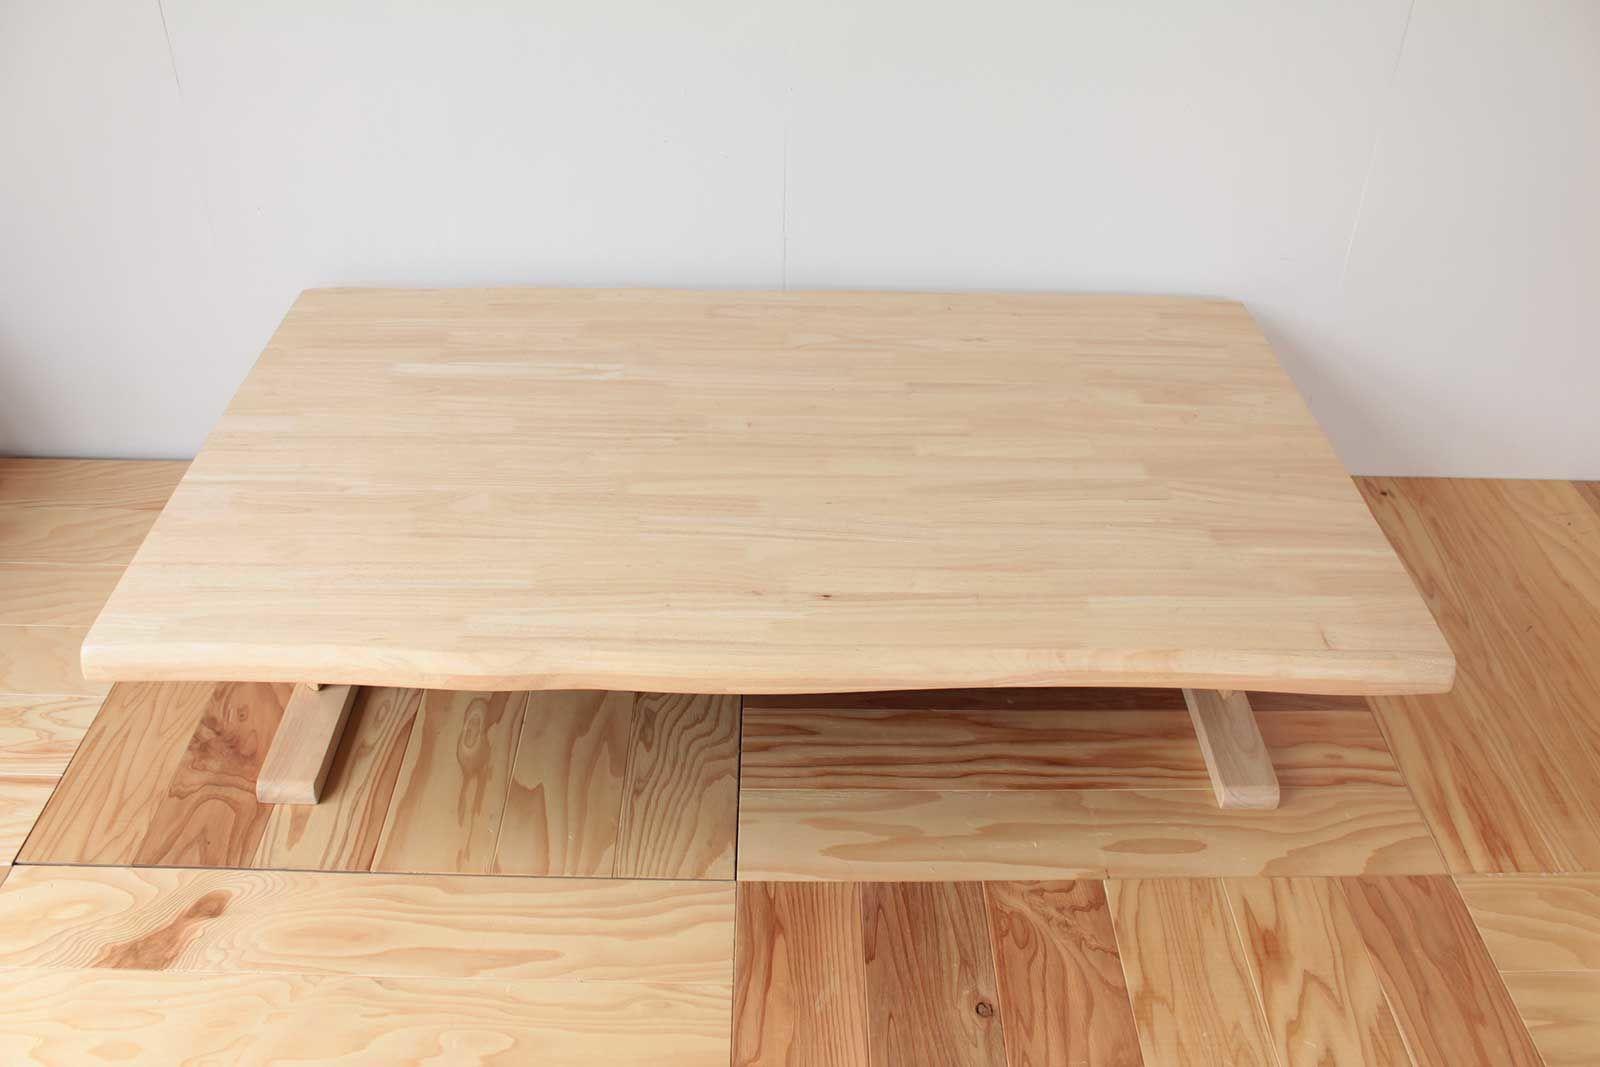 アジアン調ダーク色のローテーブルをナチュラルカラーにリメイクすることで明るく軽やかな印象のテーブルに生まれ変わりました